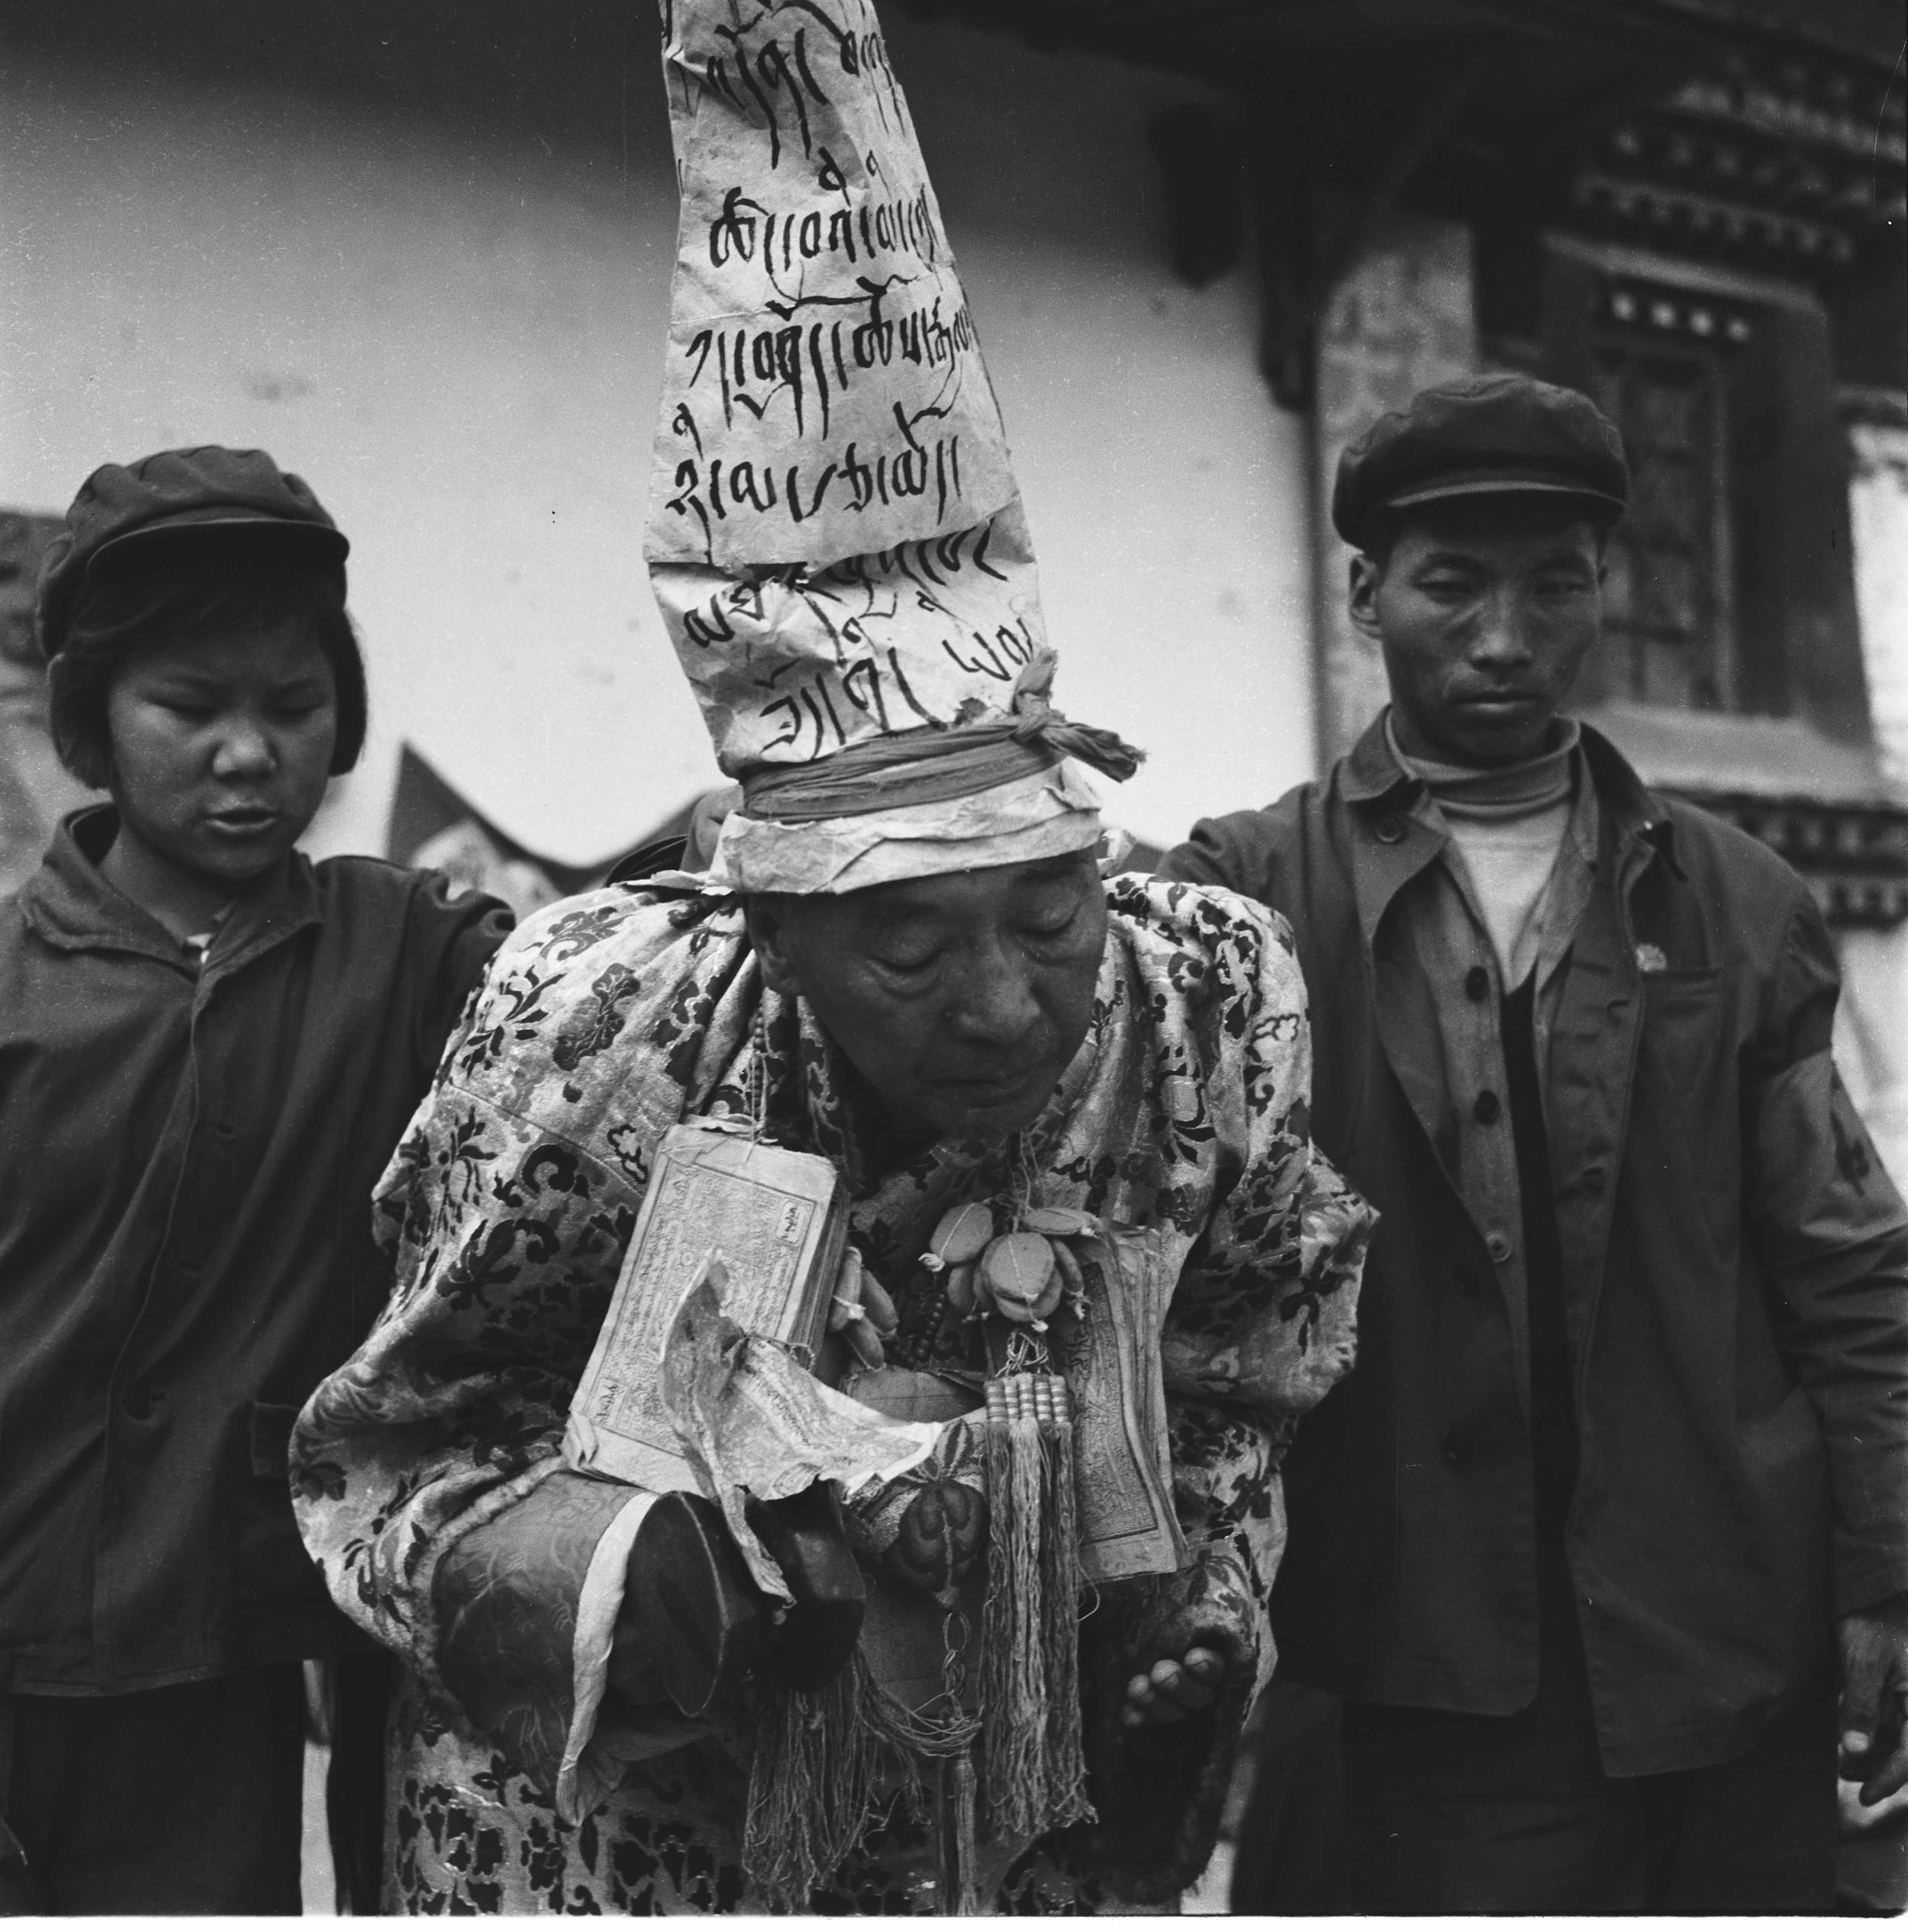 图为文革中被批斗的噶雪·曲吉尼玛。(唯色父亲摄影)